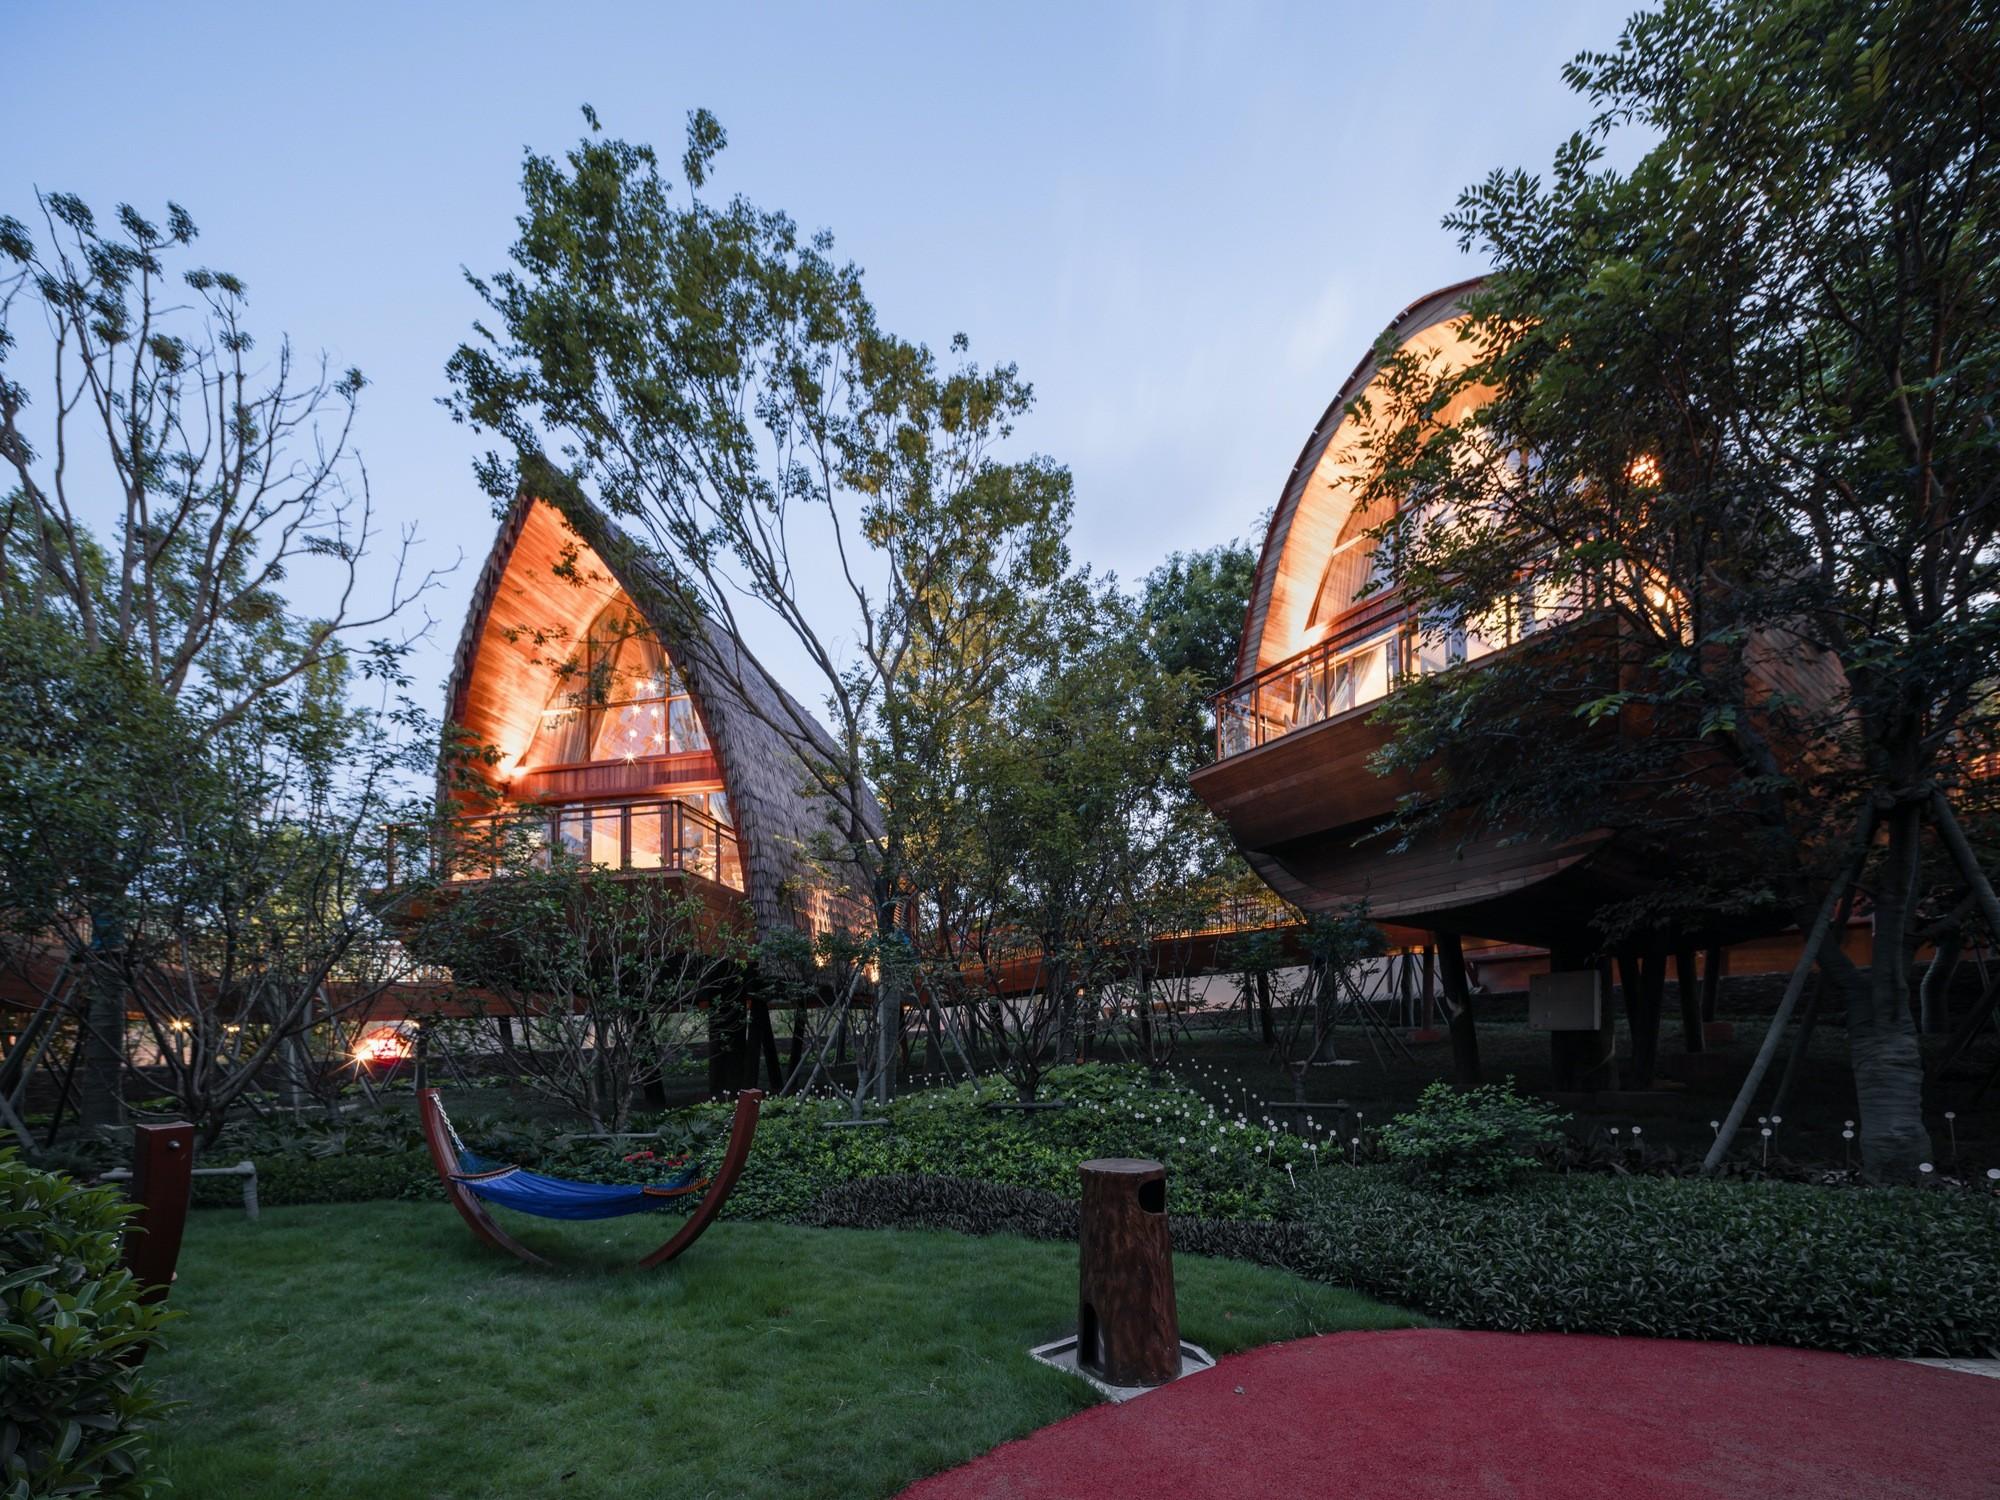 Дизайн отеля «Lebei», вдохновленный местной историей и архитектурными традициями